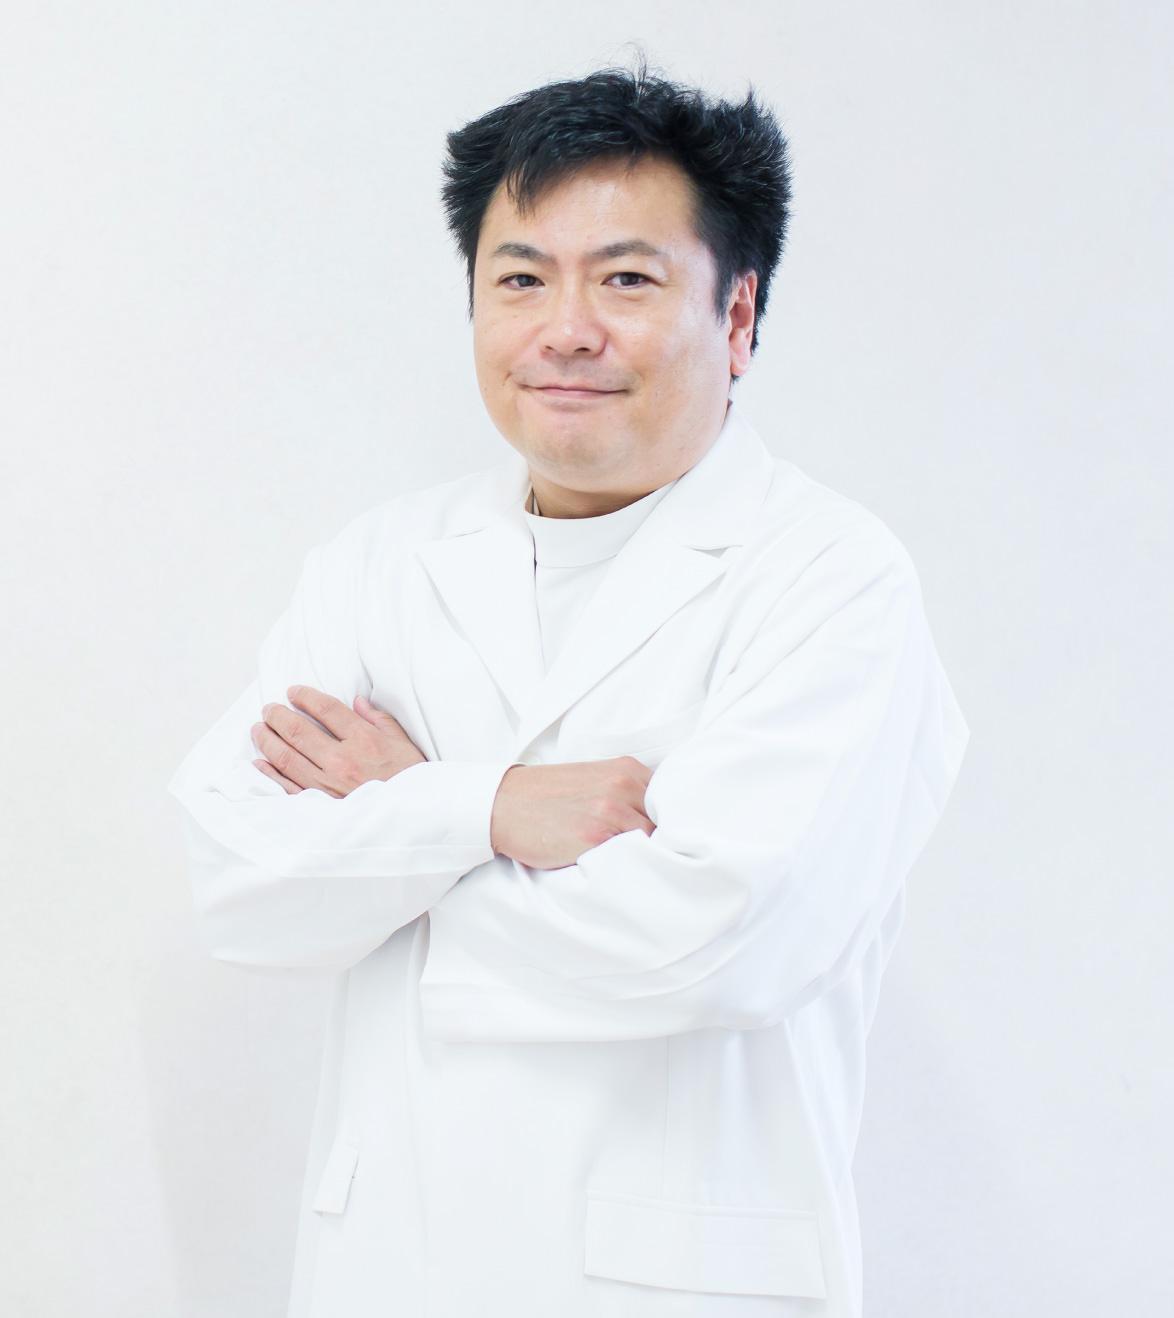 古川 丈文